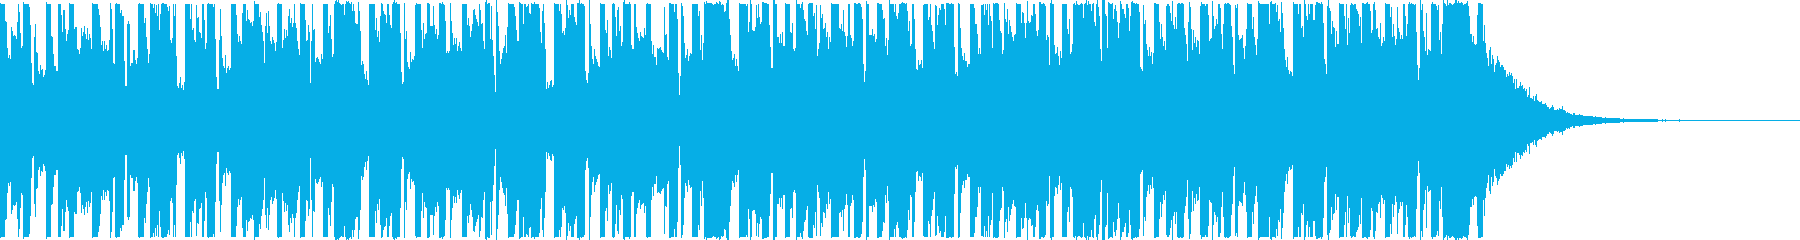 ミドルテンポの都会的な4つ打ち、短尺の再生済みの波形